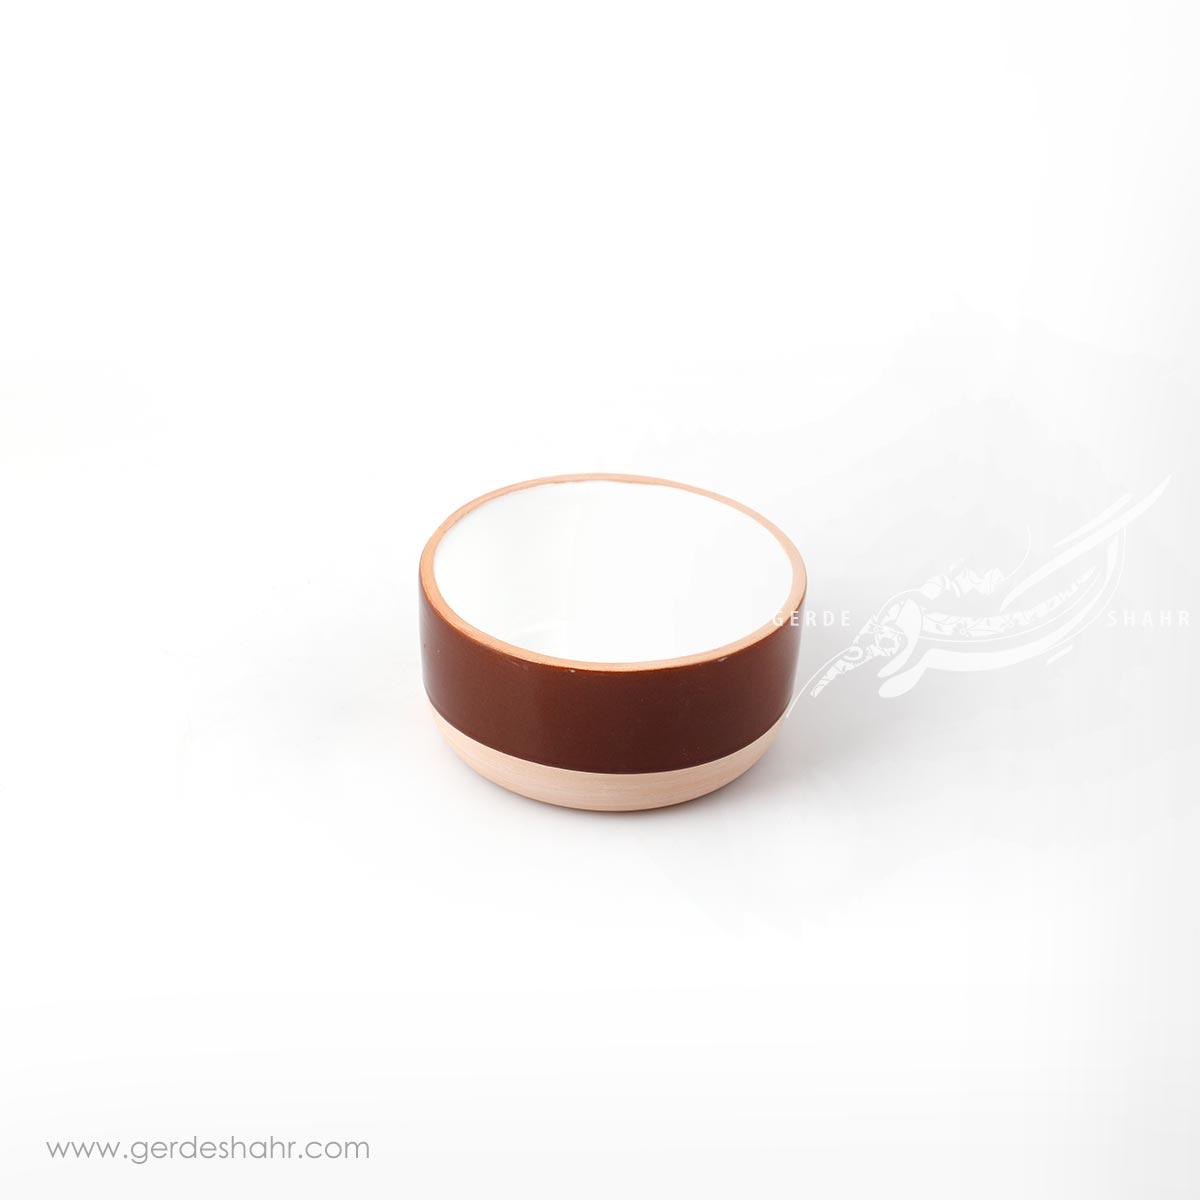 کاسه قهوه ای زین دست محصولات